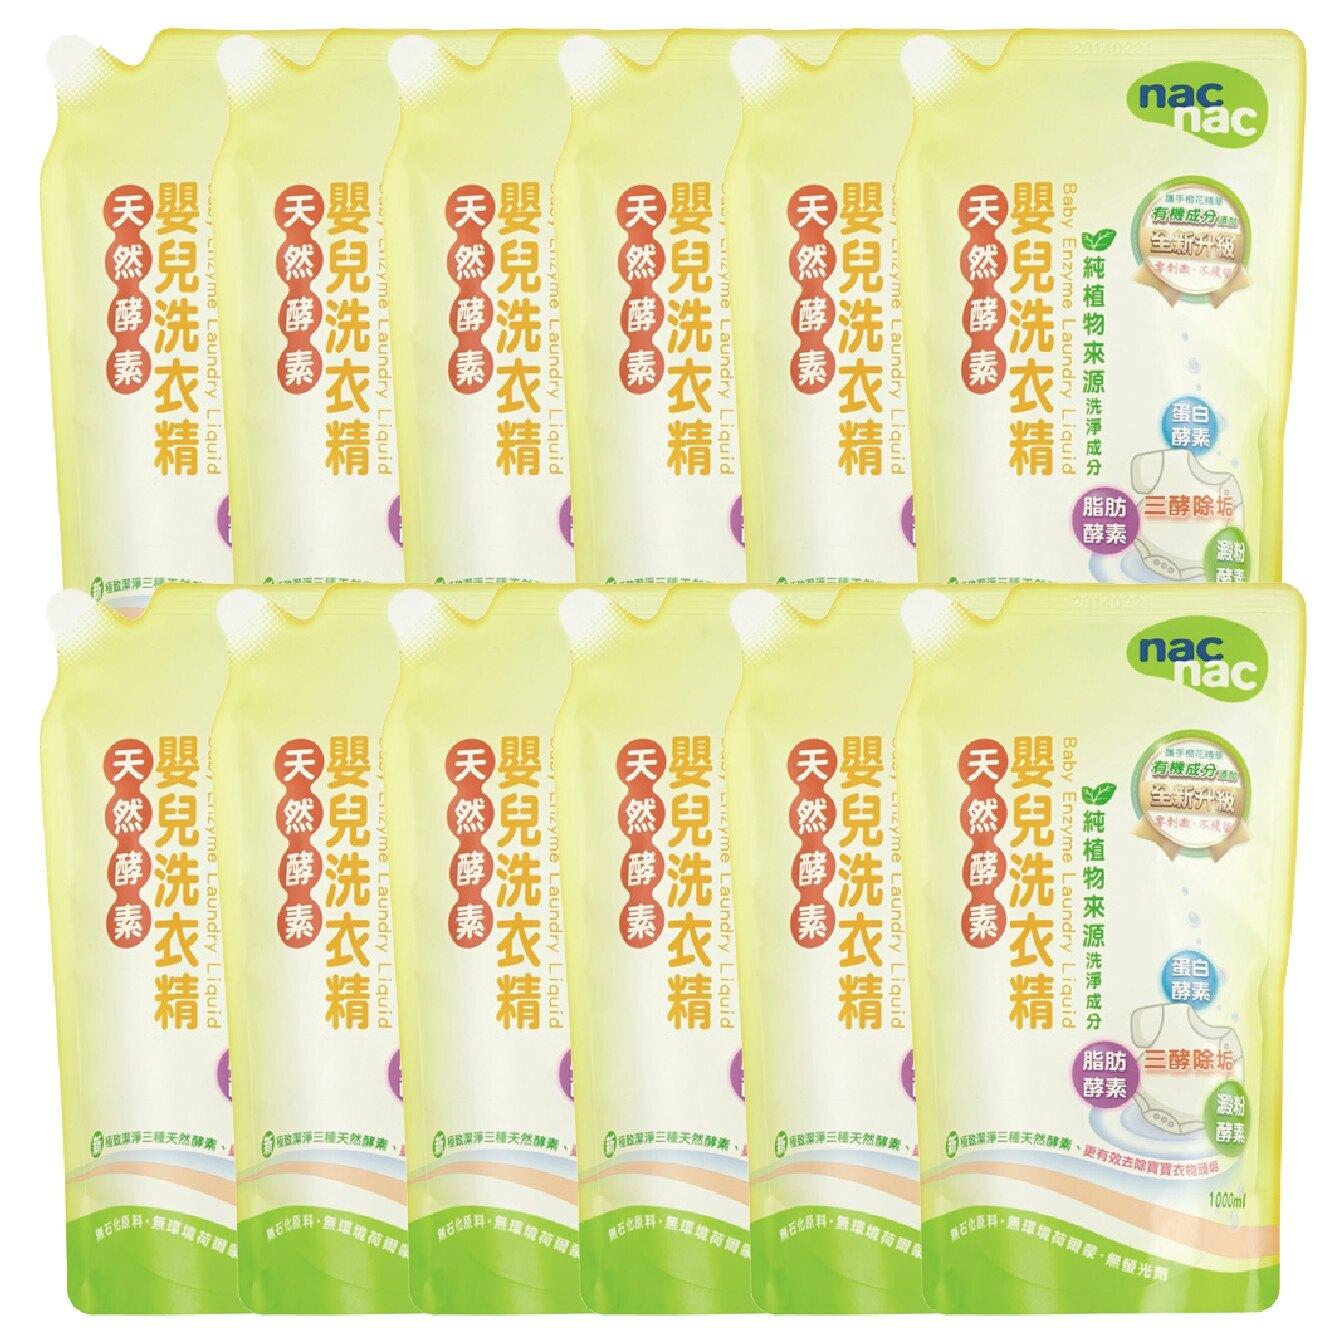 【箱購】nac nac 天然酵素洗衣精補充包1000ml/毎包 (一箱12包)